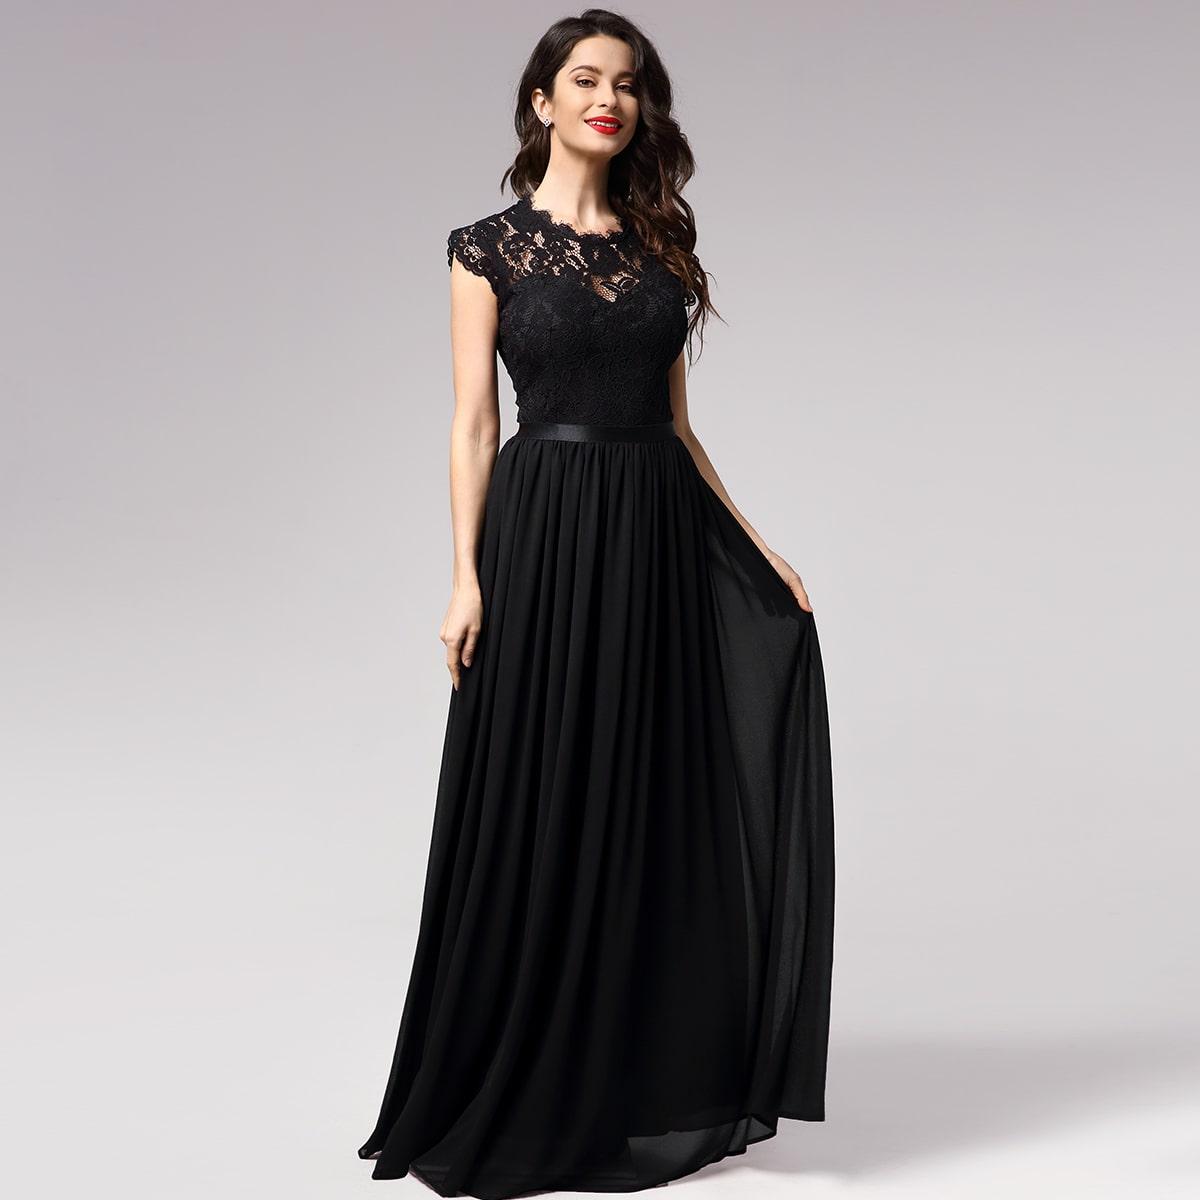 Miusol Цветочное кружевное платье фото